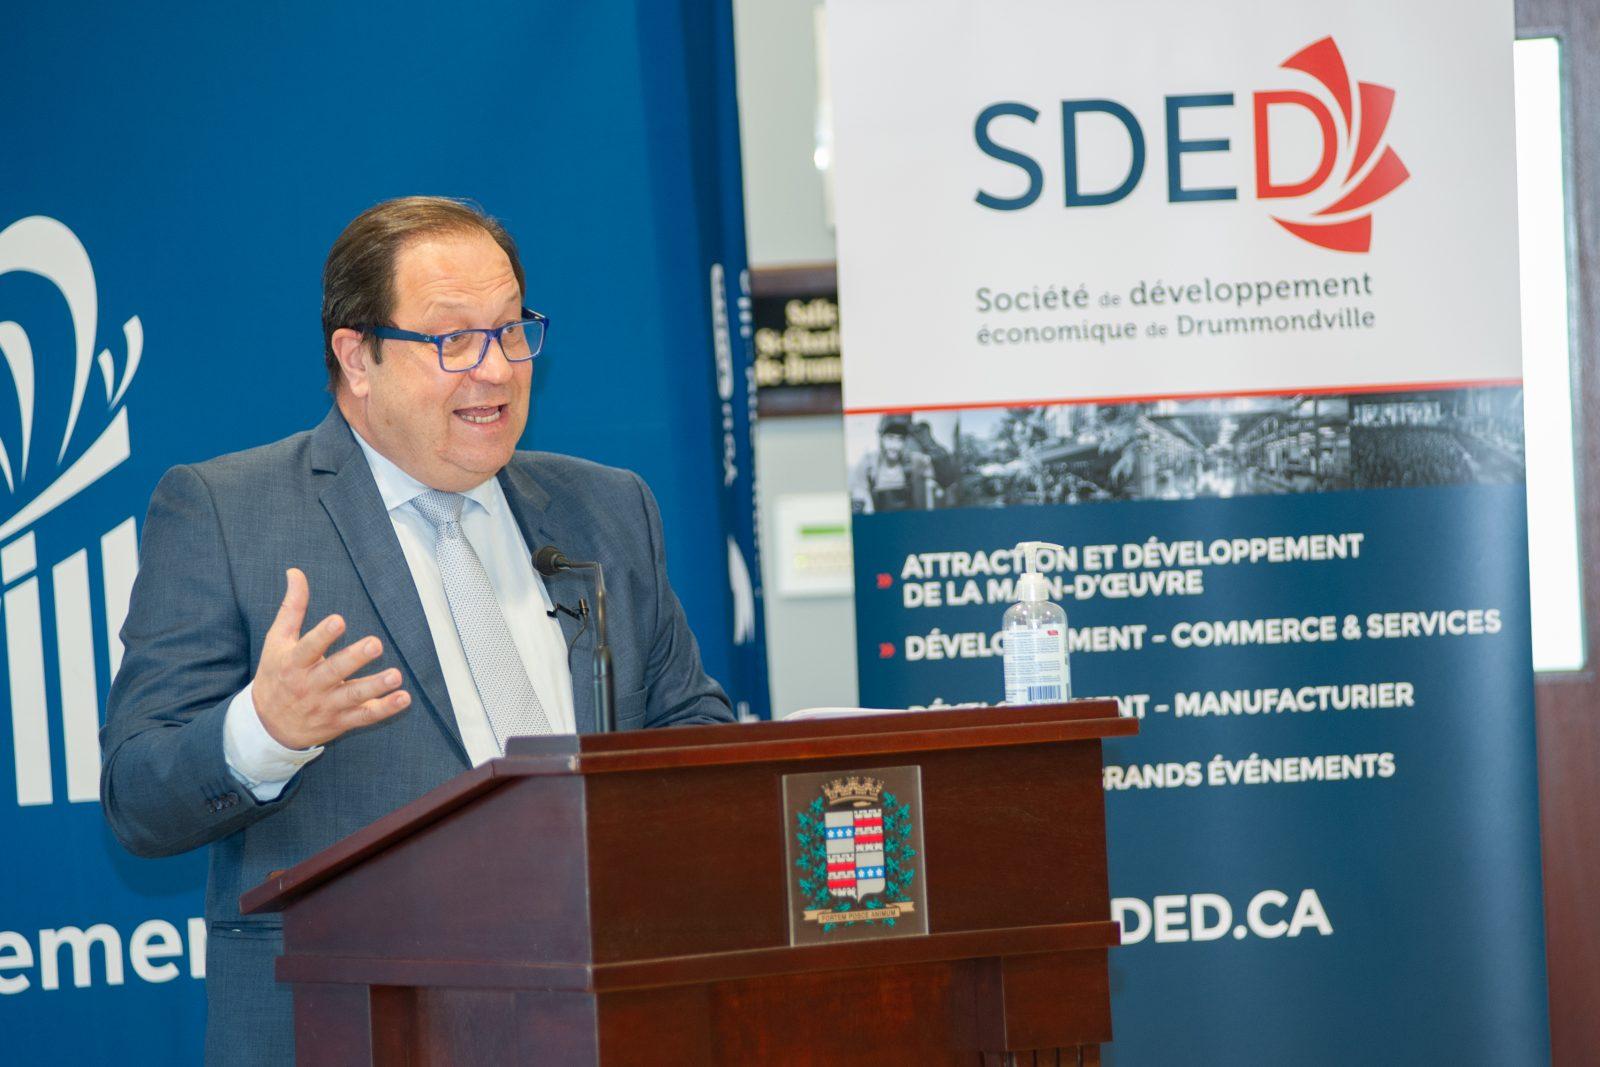 La SDED rapporte une baisse des investissements de 61,5 M$